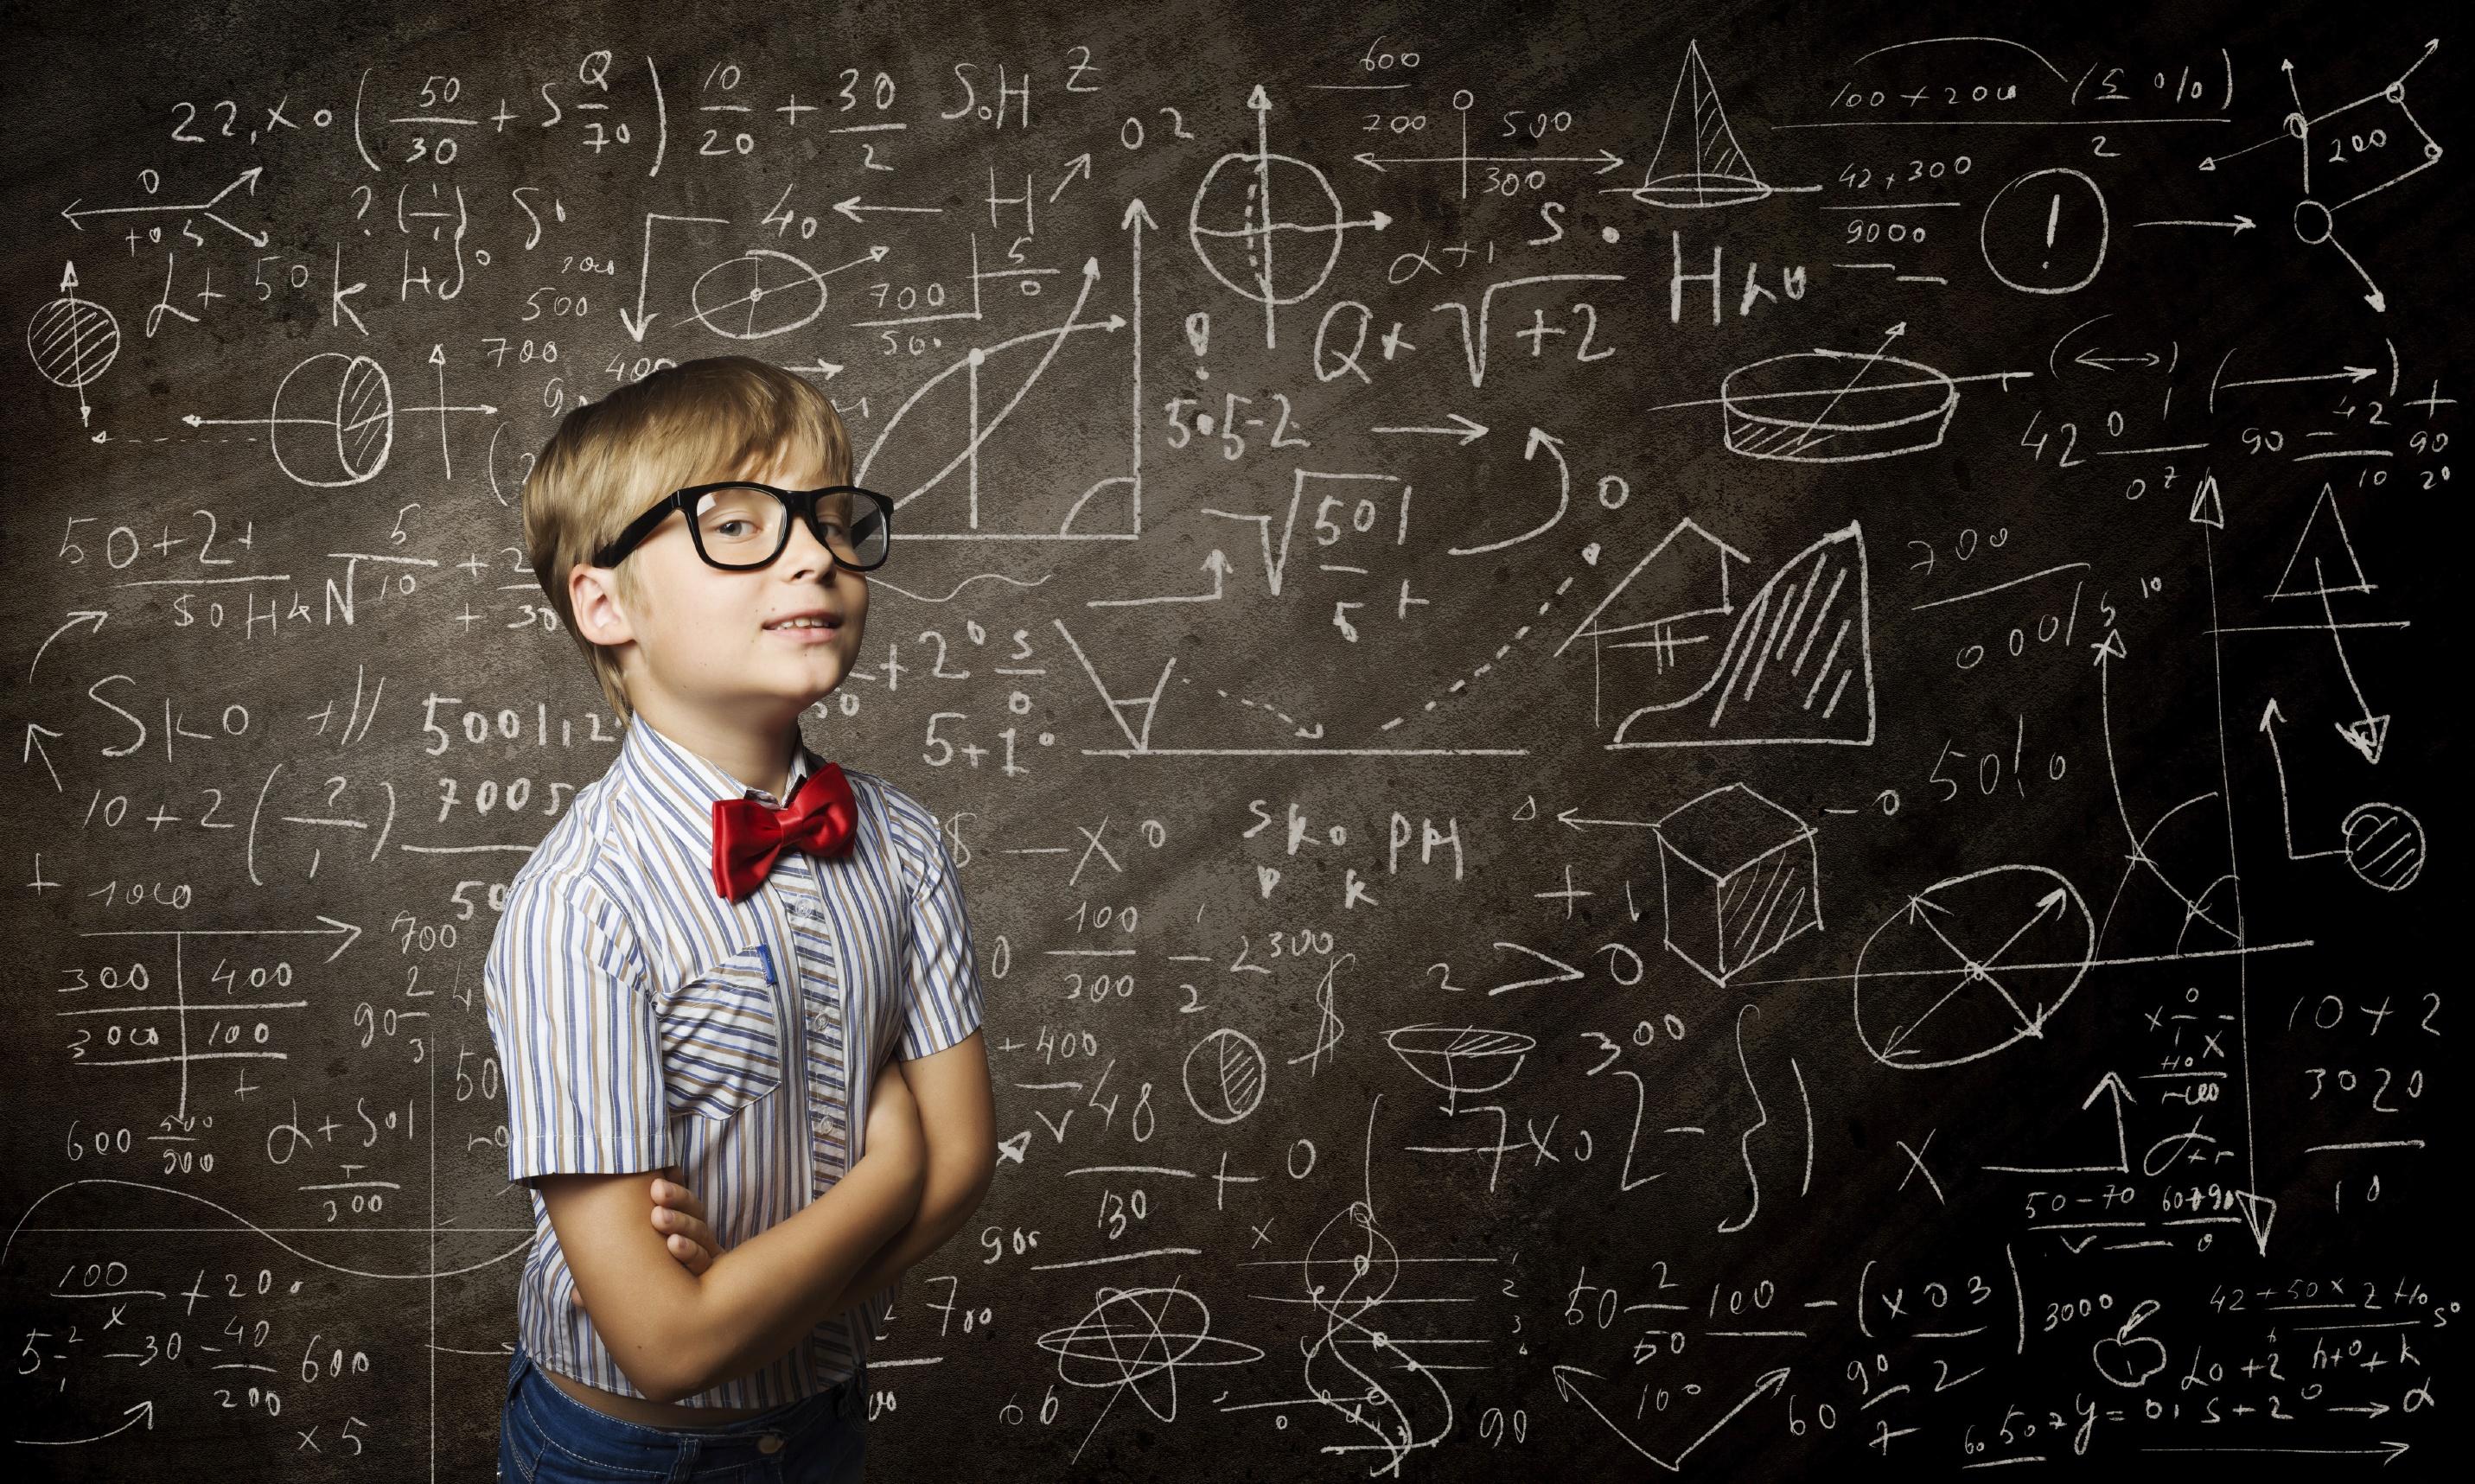 считается традиционным креативная алгебре картинки был